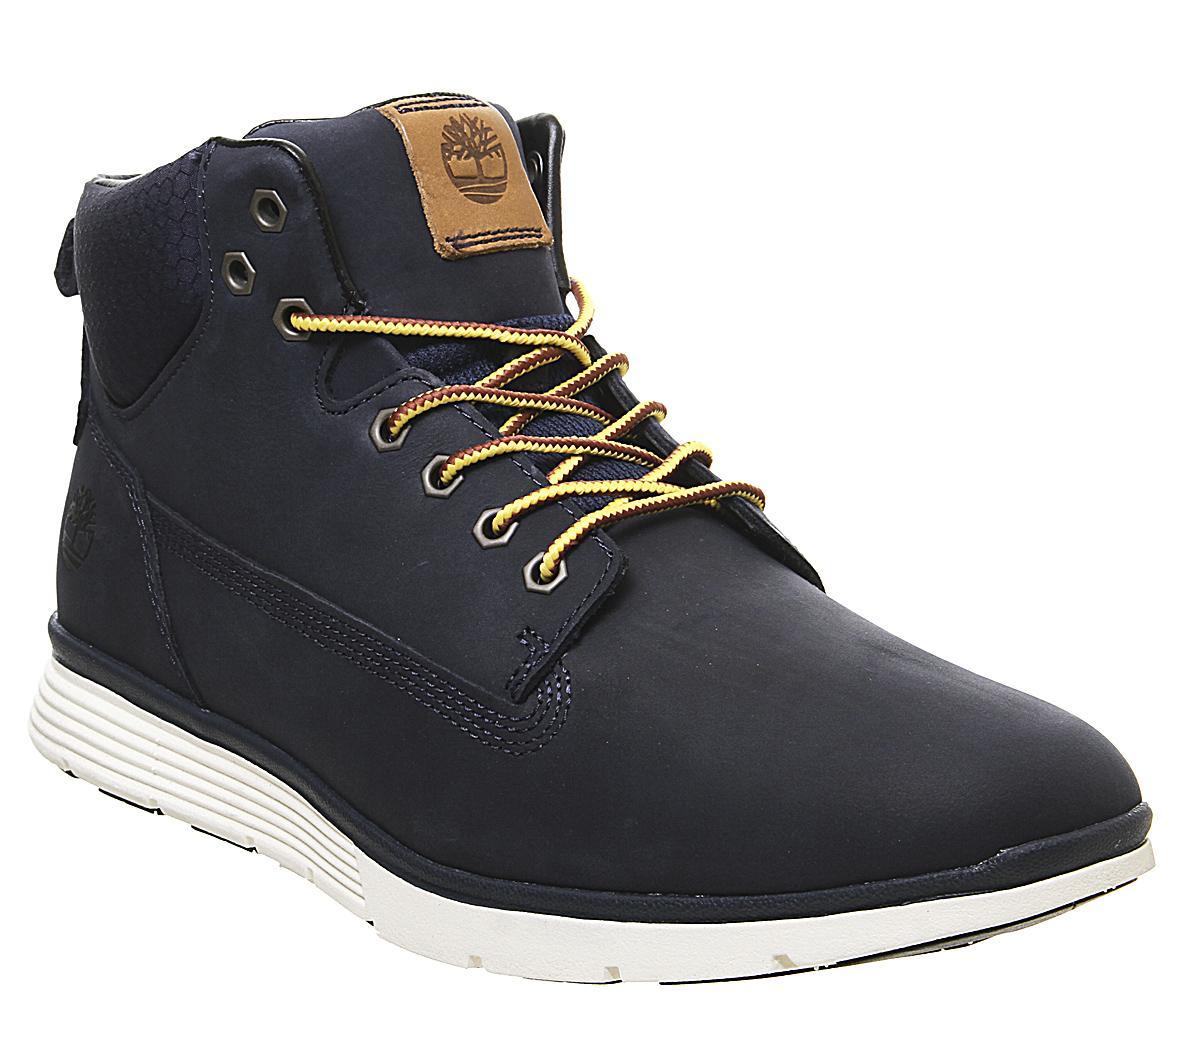 Killington Chukka Boots